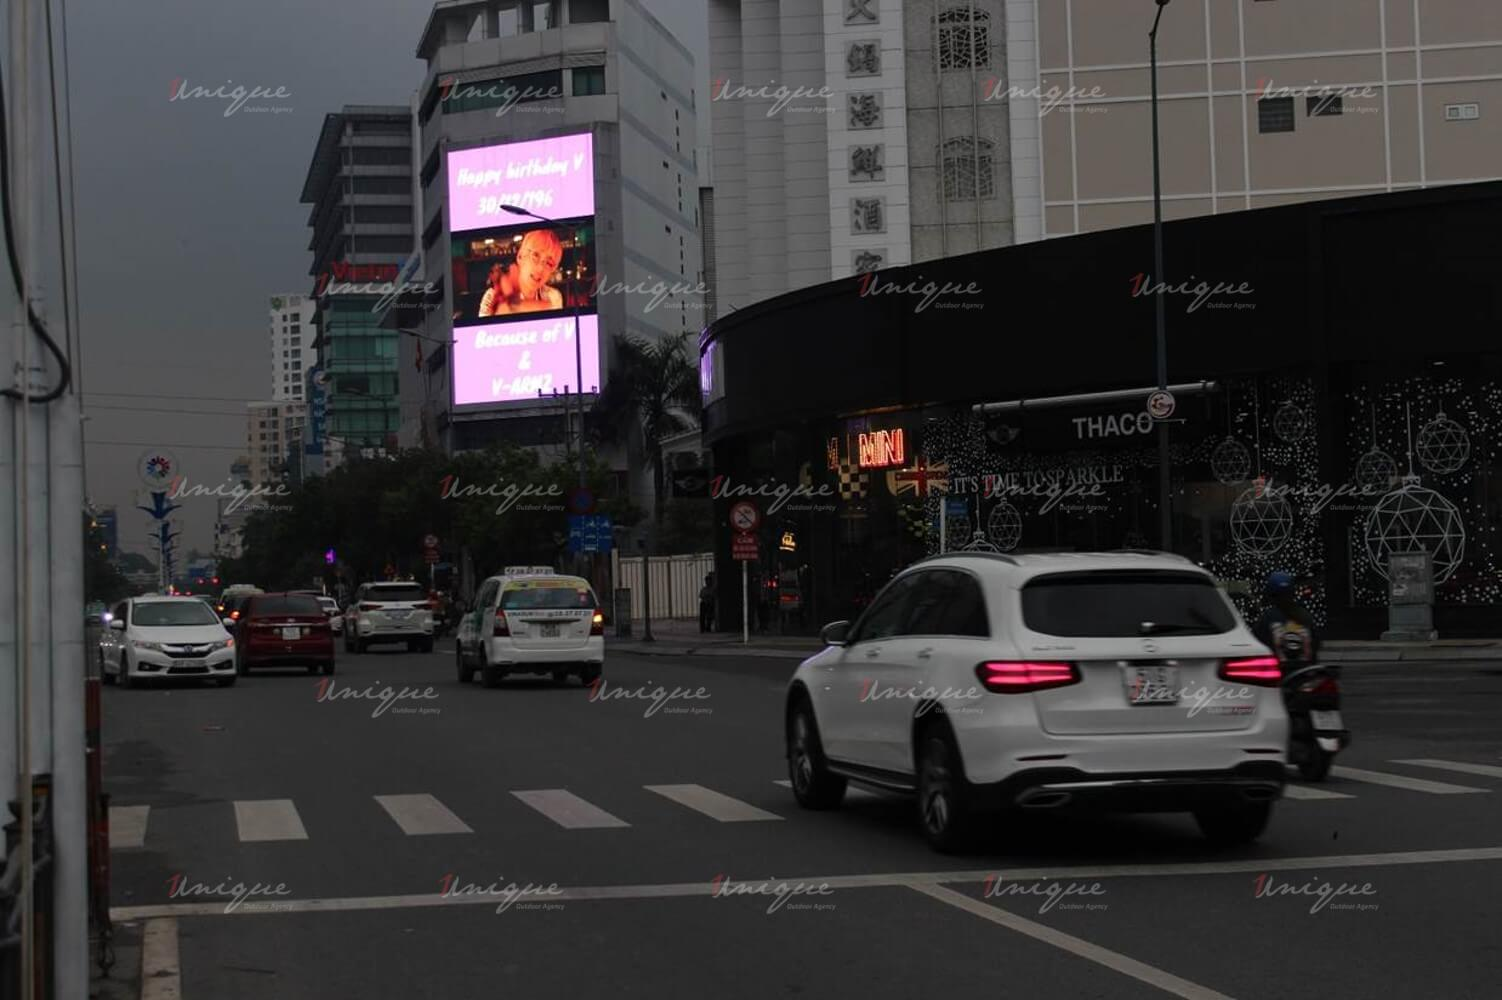 V BTS quảng cáo màn hình led ngoài trời